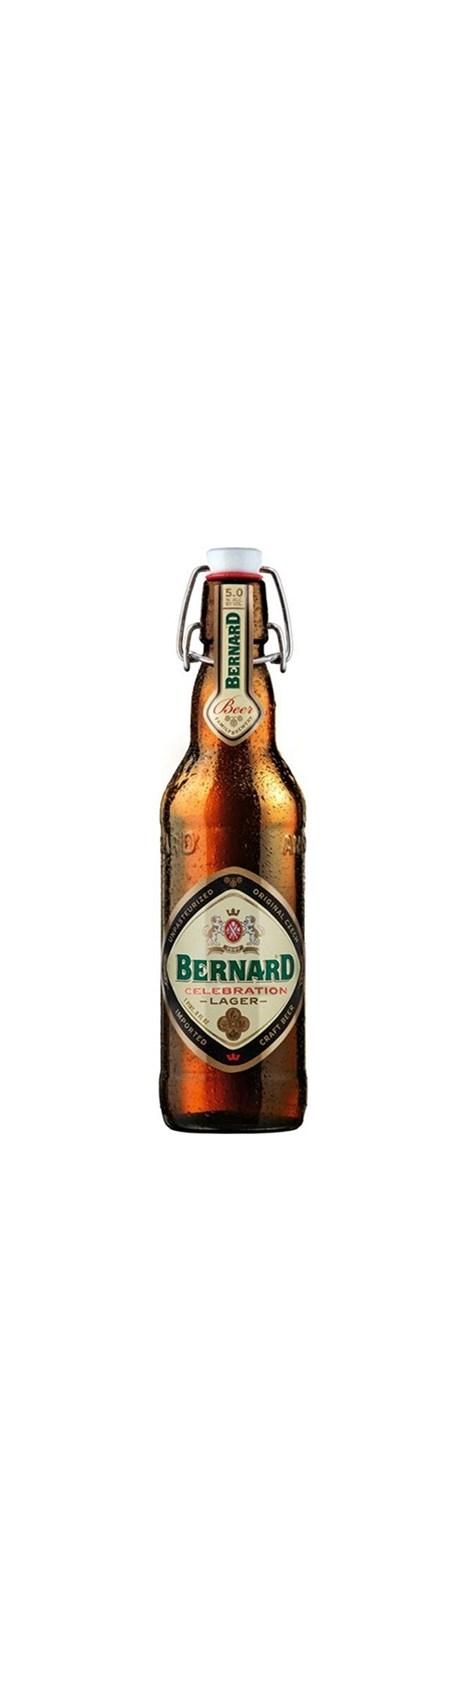 Bernard Celebration